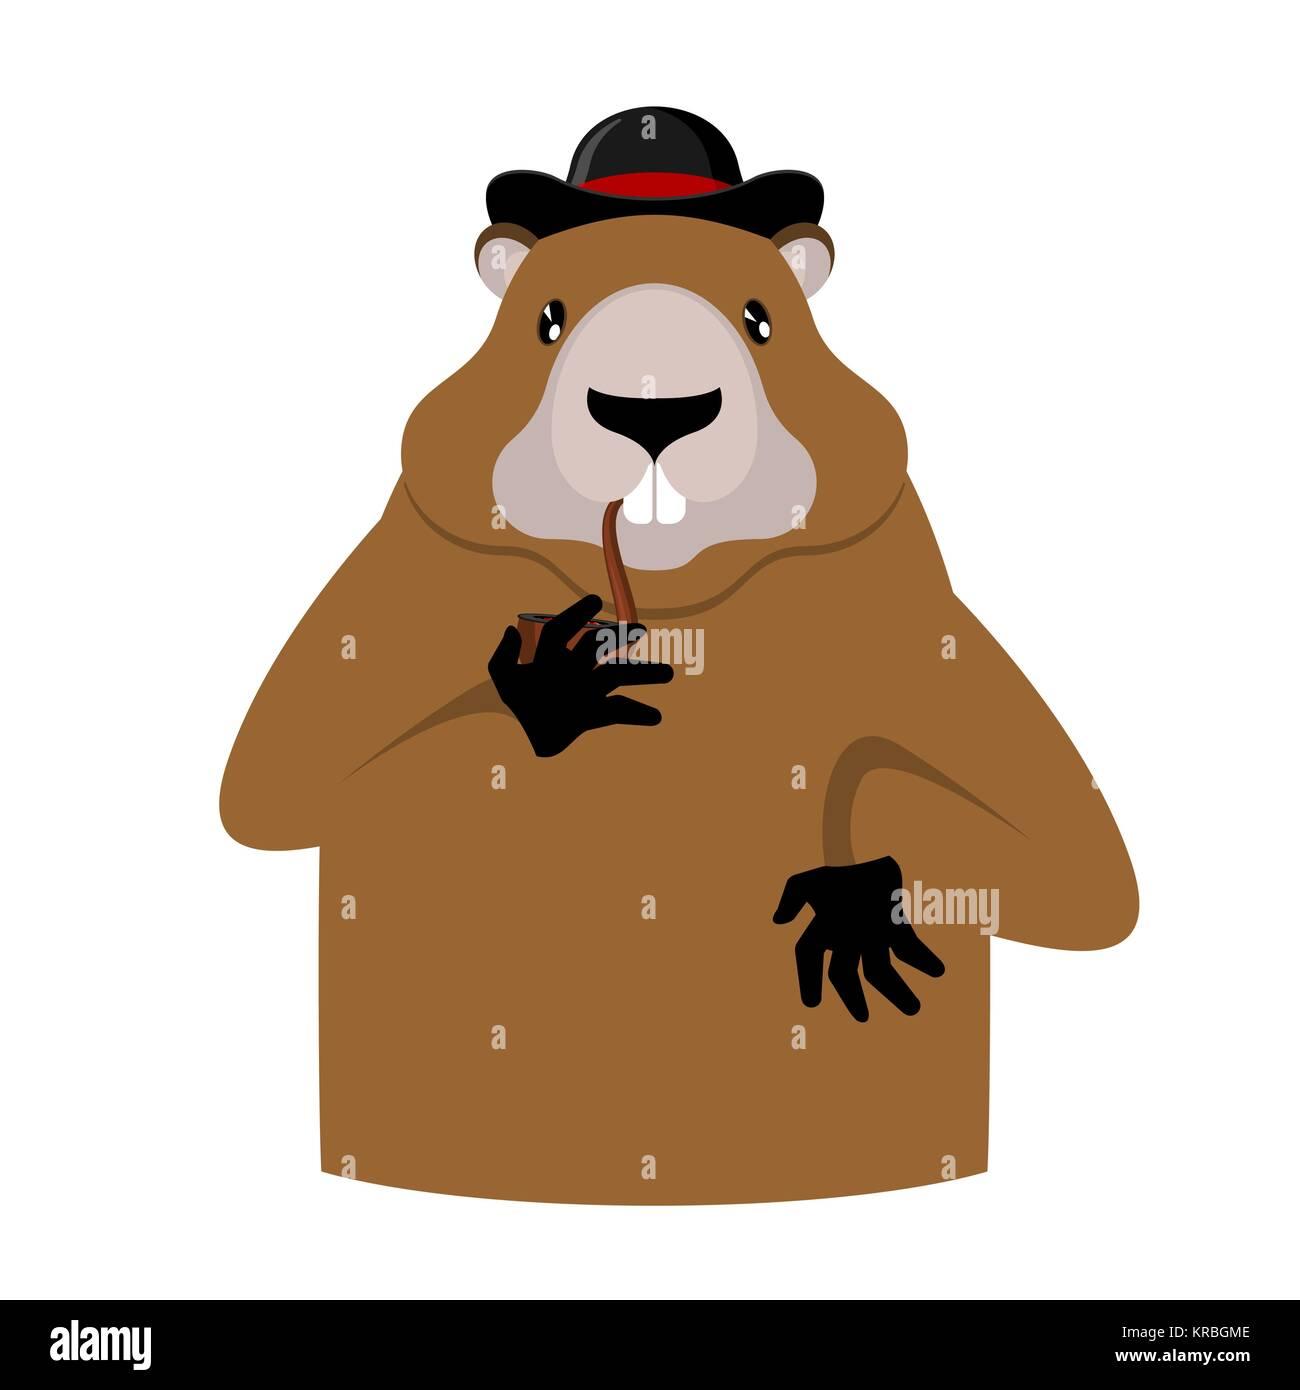 Dorable Día De La Marmota Para Colorear Friso - Dibujos de Animales ...